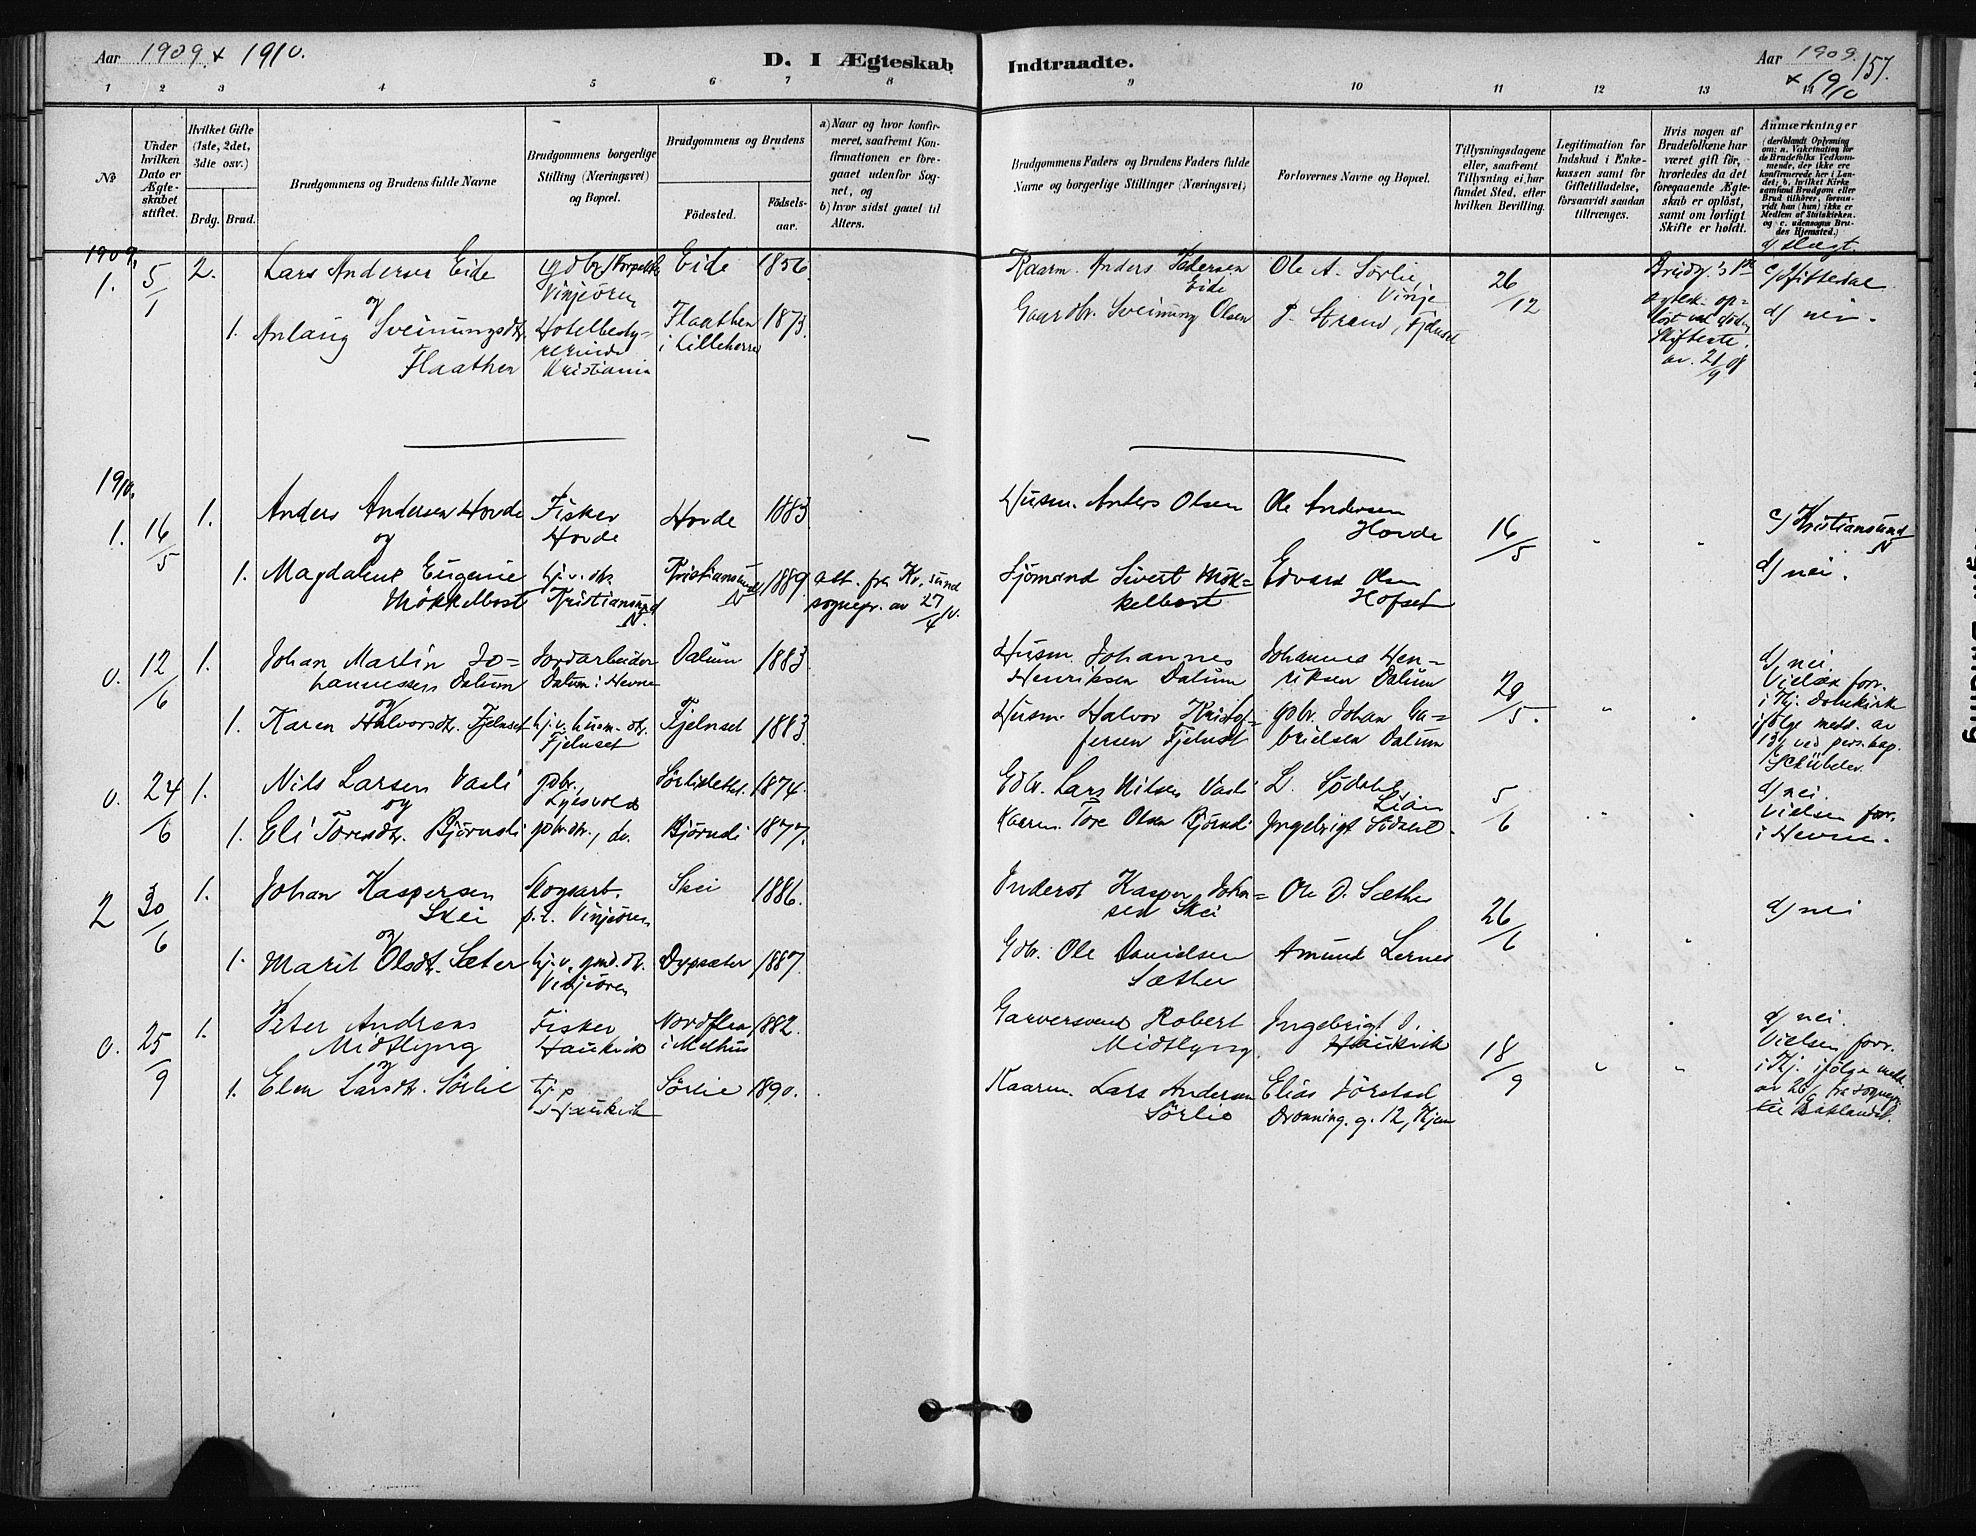 SAT, Ministerialprotokoller, klokkerbøker og fødselsregistre - Sør-Trøndelag, 631/L0512: Ministerialbok nr. 631A01, 1879-1912, s. 157